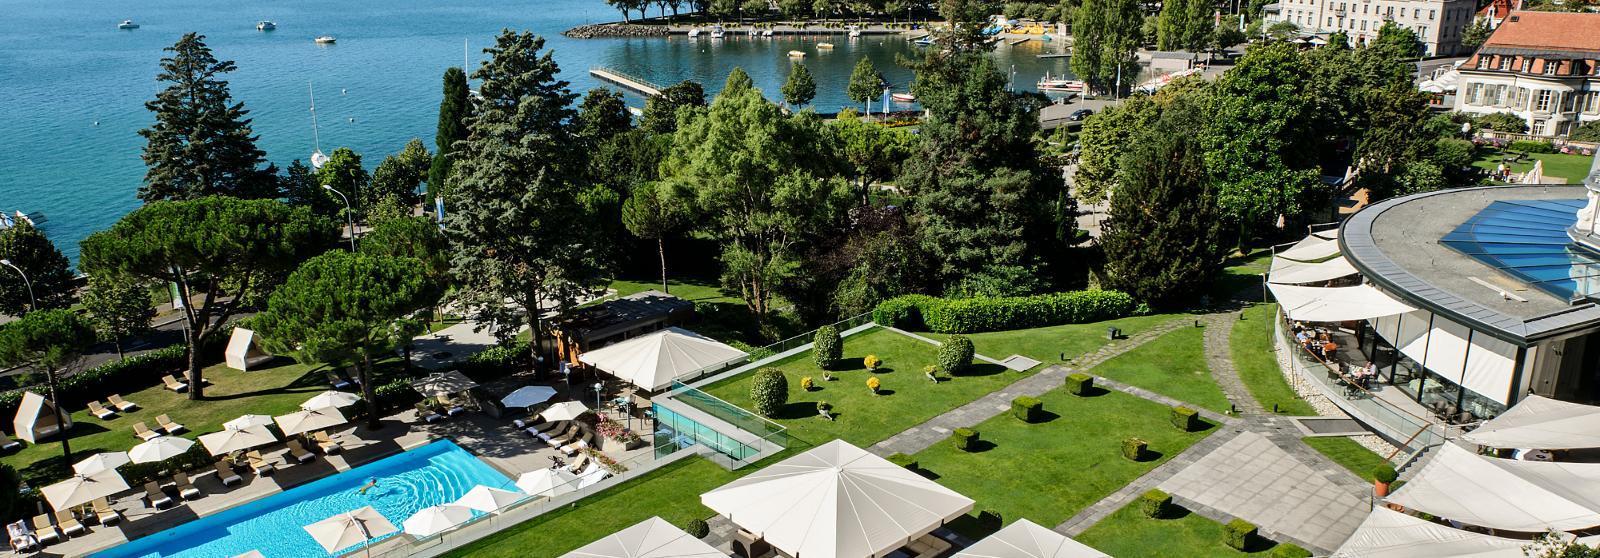 洛桑美岸皇宫大酒店(Beau-Rivage Palace Lausanne)【 洛桑,瑞士】 酒店  www.lhw.cn